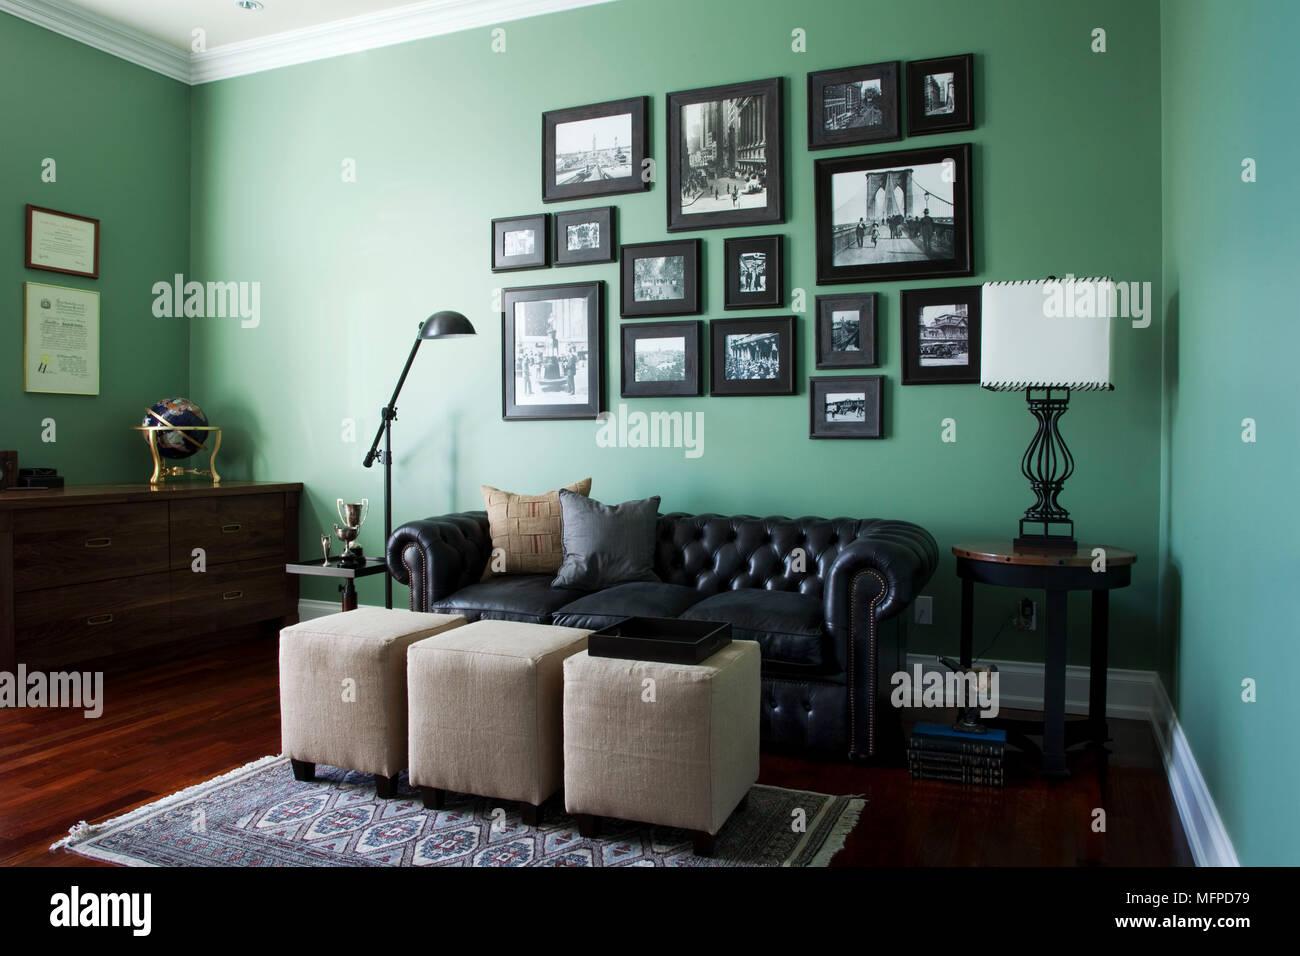 Anordnung Der Fotos Oben Leder Chesterfield Sofa In Grun Studie New